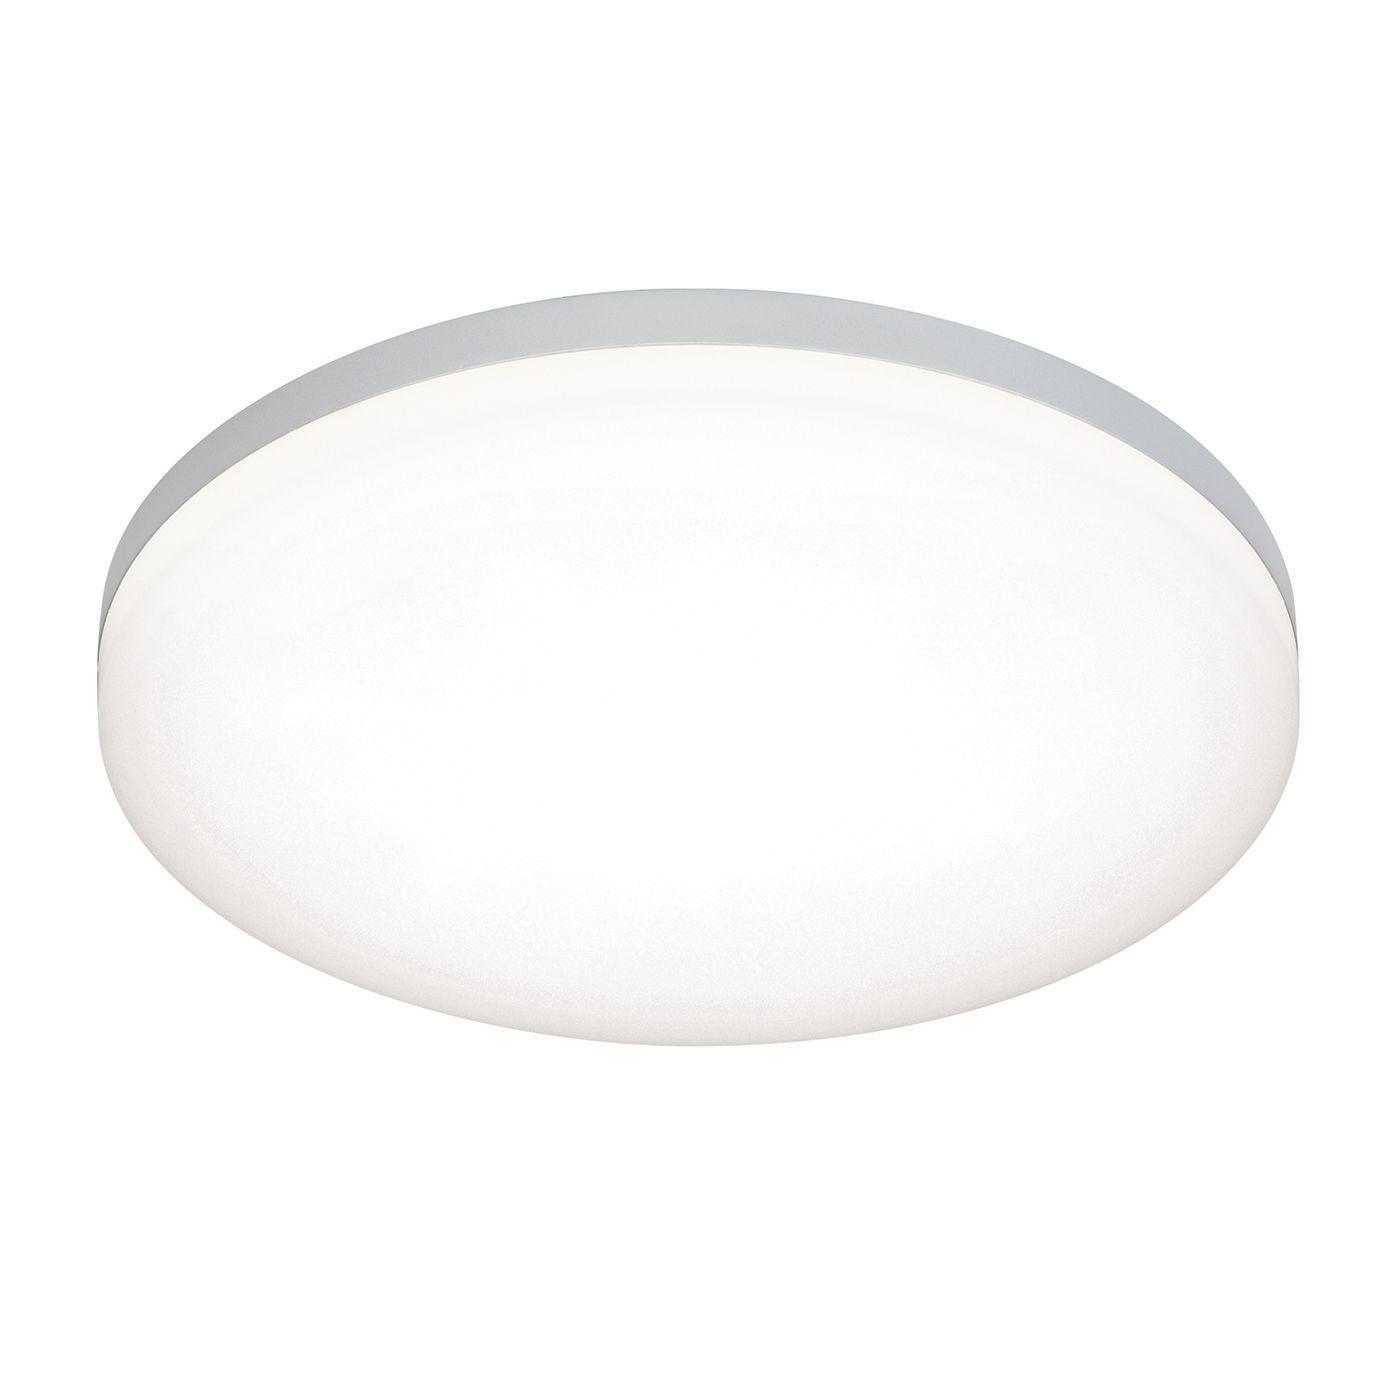 Plafon - Lampa ścienna Noble LED - Saxby Lighting - srebrny, biały